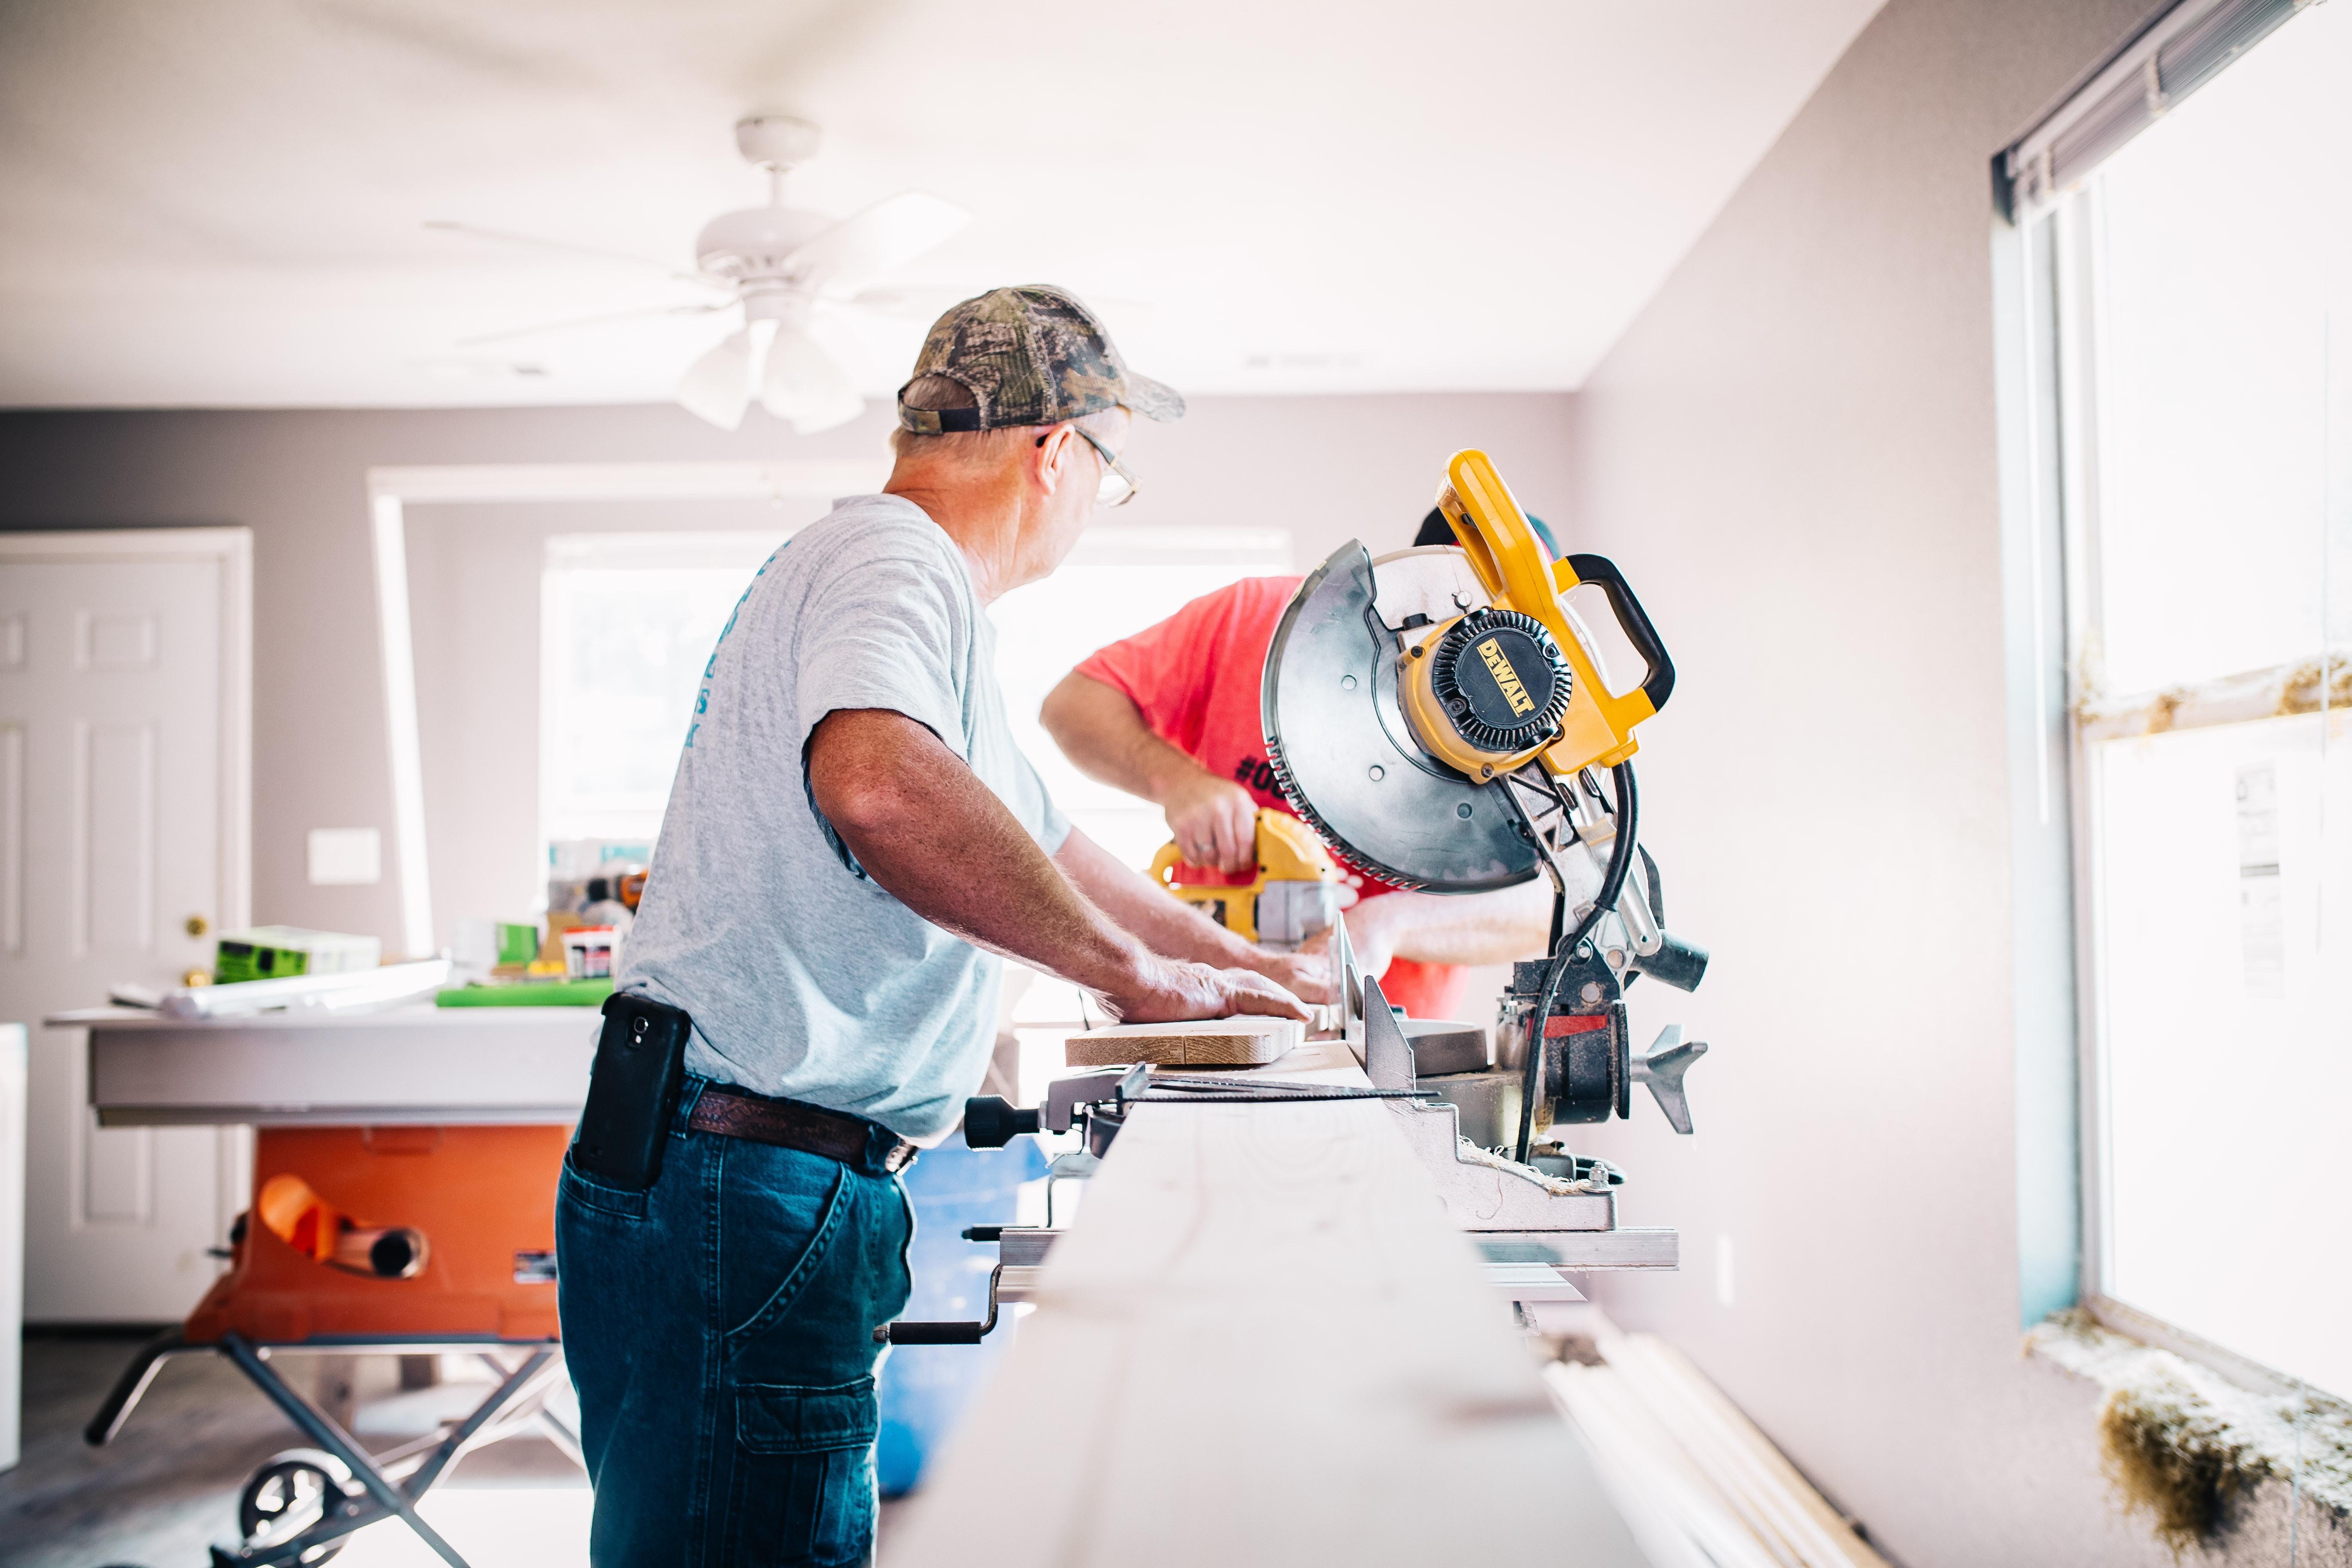 carpenters using circular saw